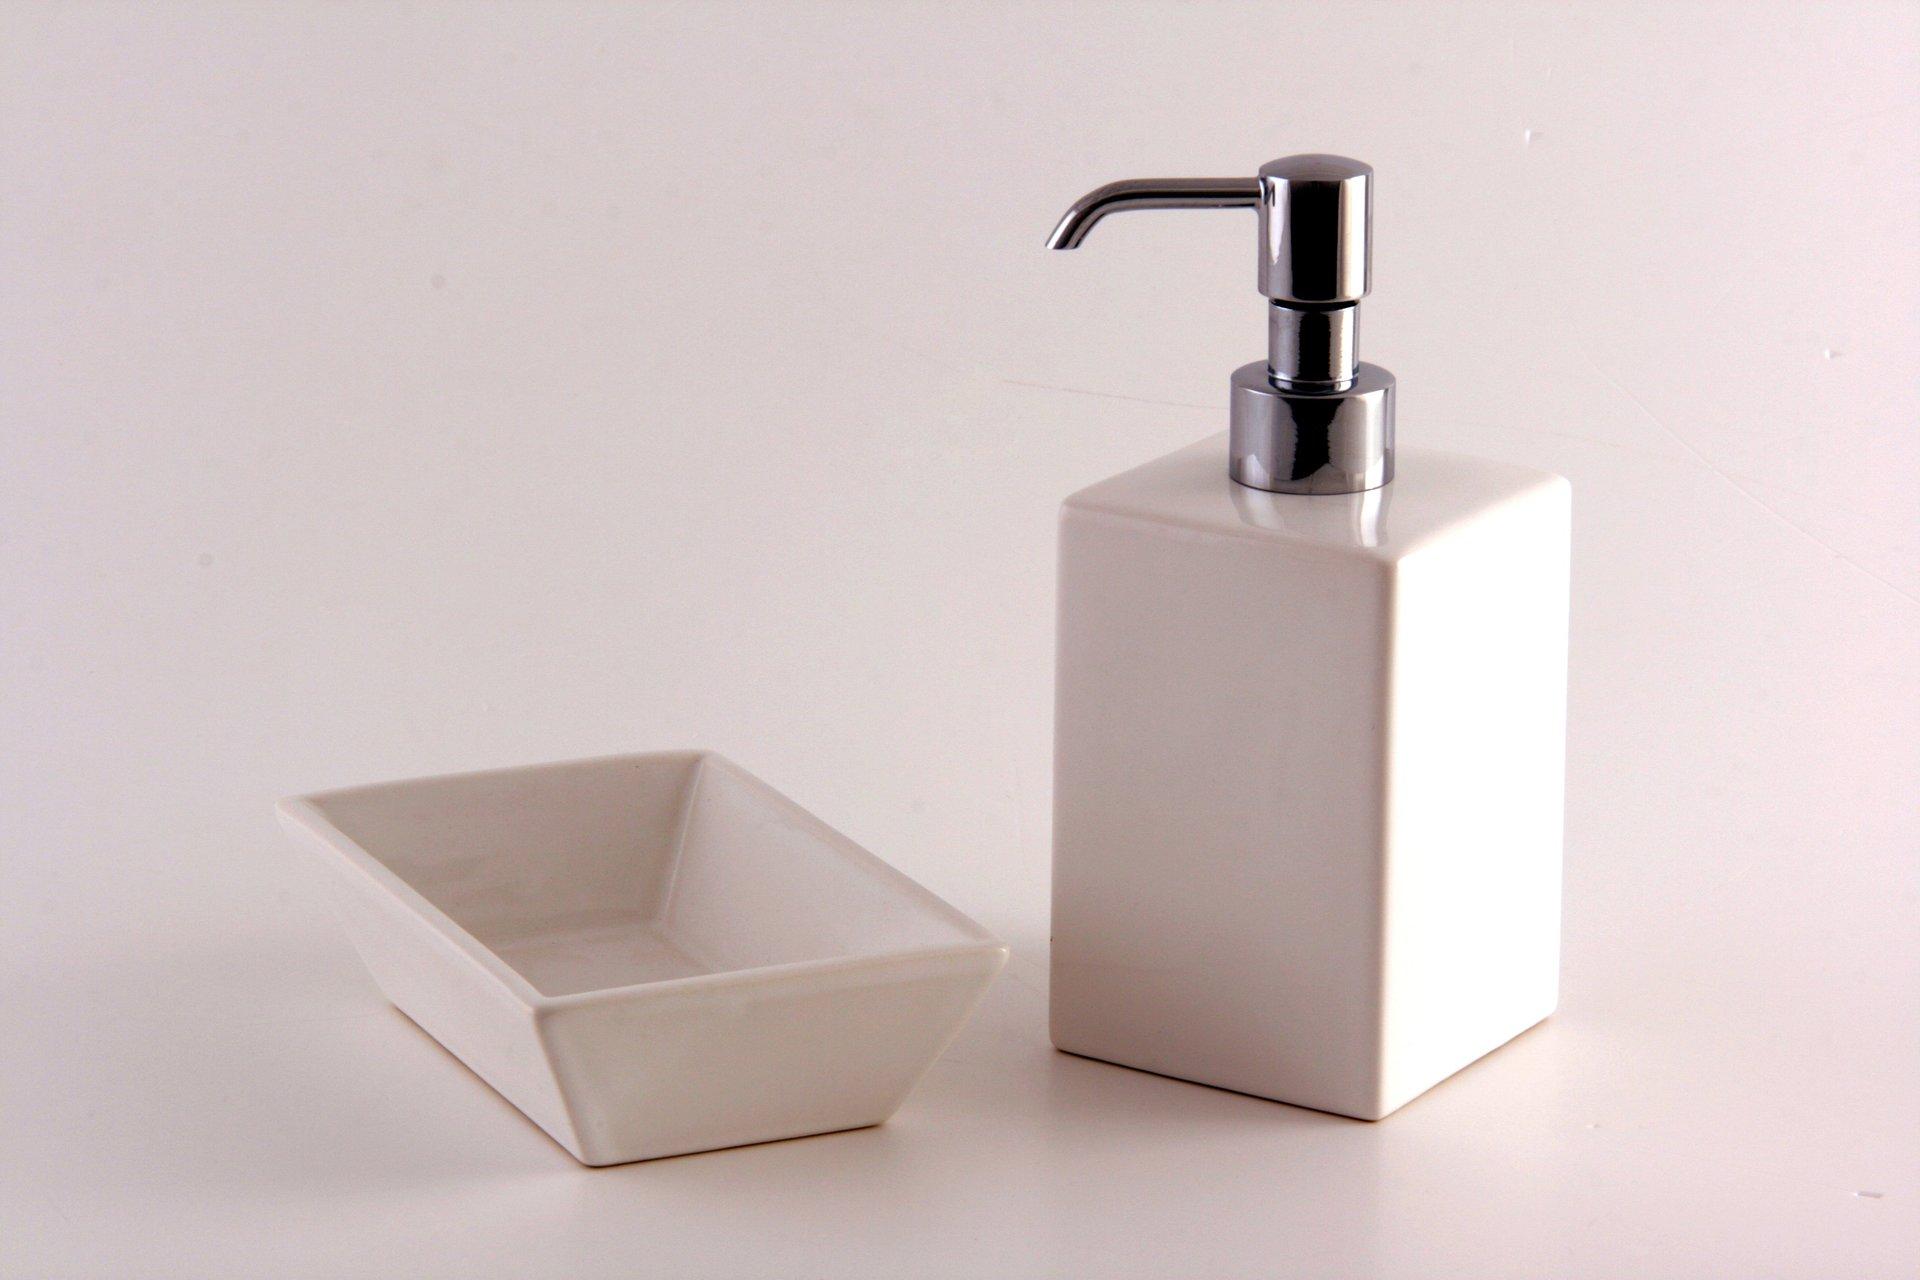 Accessori bagno firenze studio anichini - Accessori bagno da appoggio ...